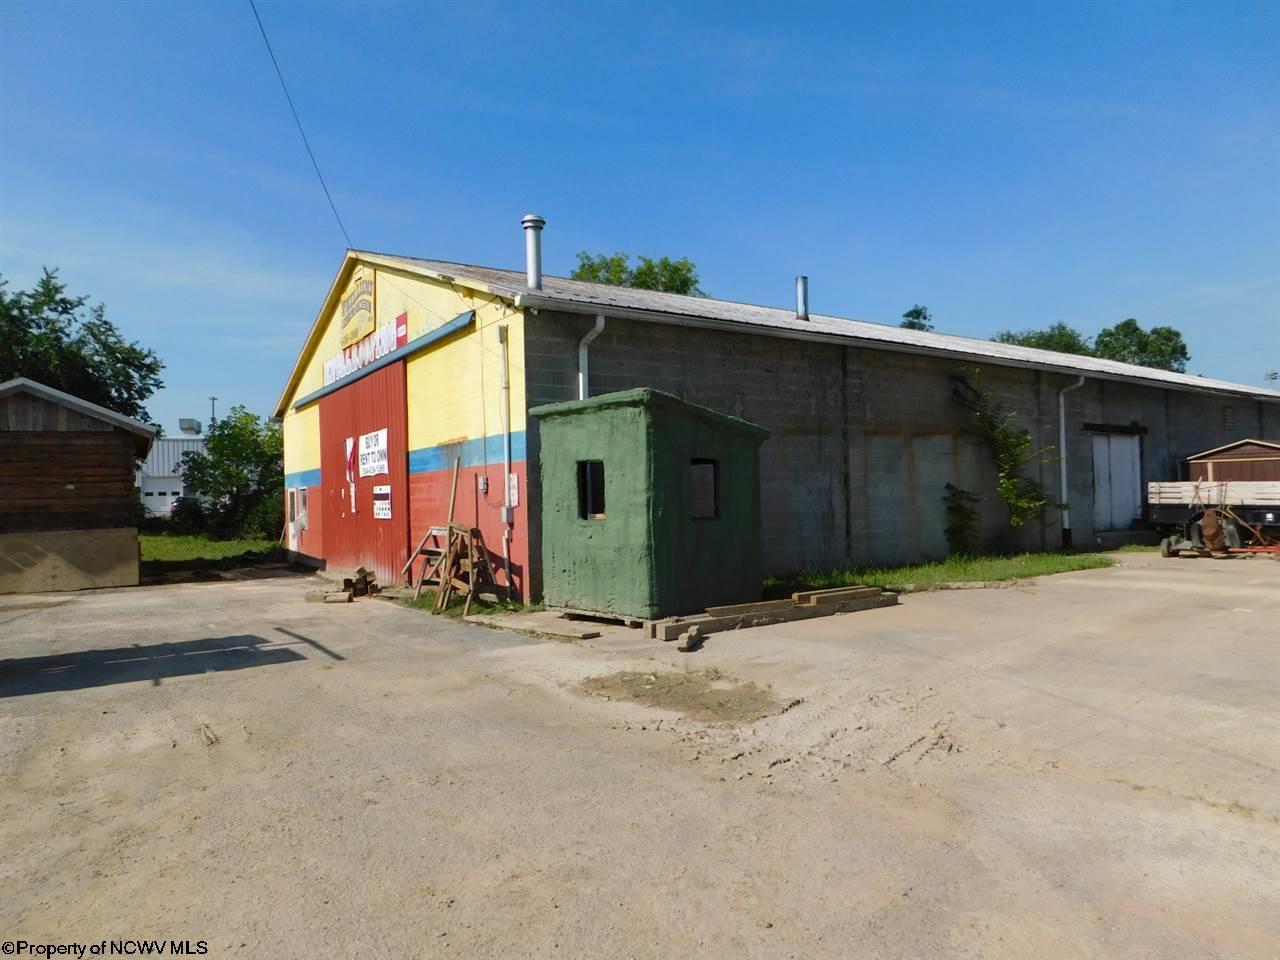 232 US-219 Elkins, WV